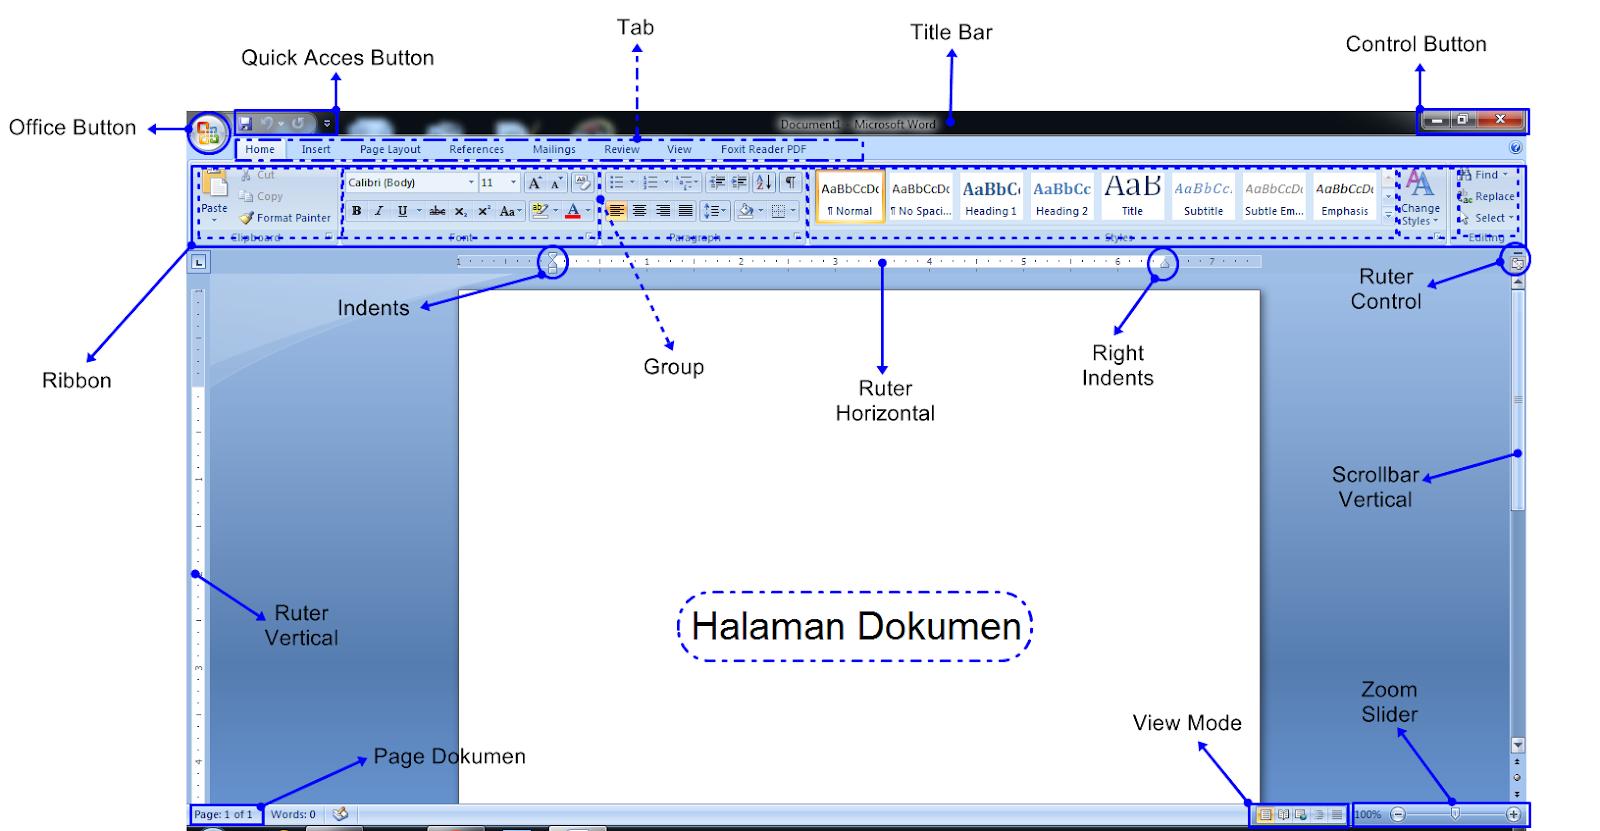 Fungsi dan Pengertian Ikon di Microsoft Word 2007 Beserta Gambar - Computer Perkasa